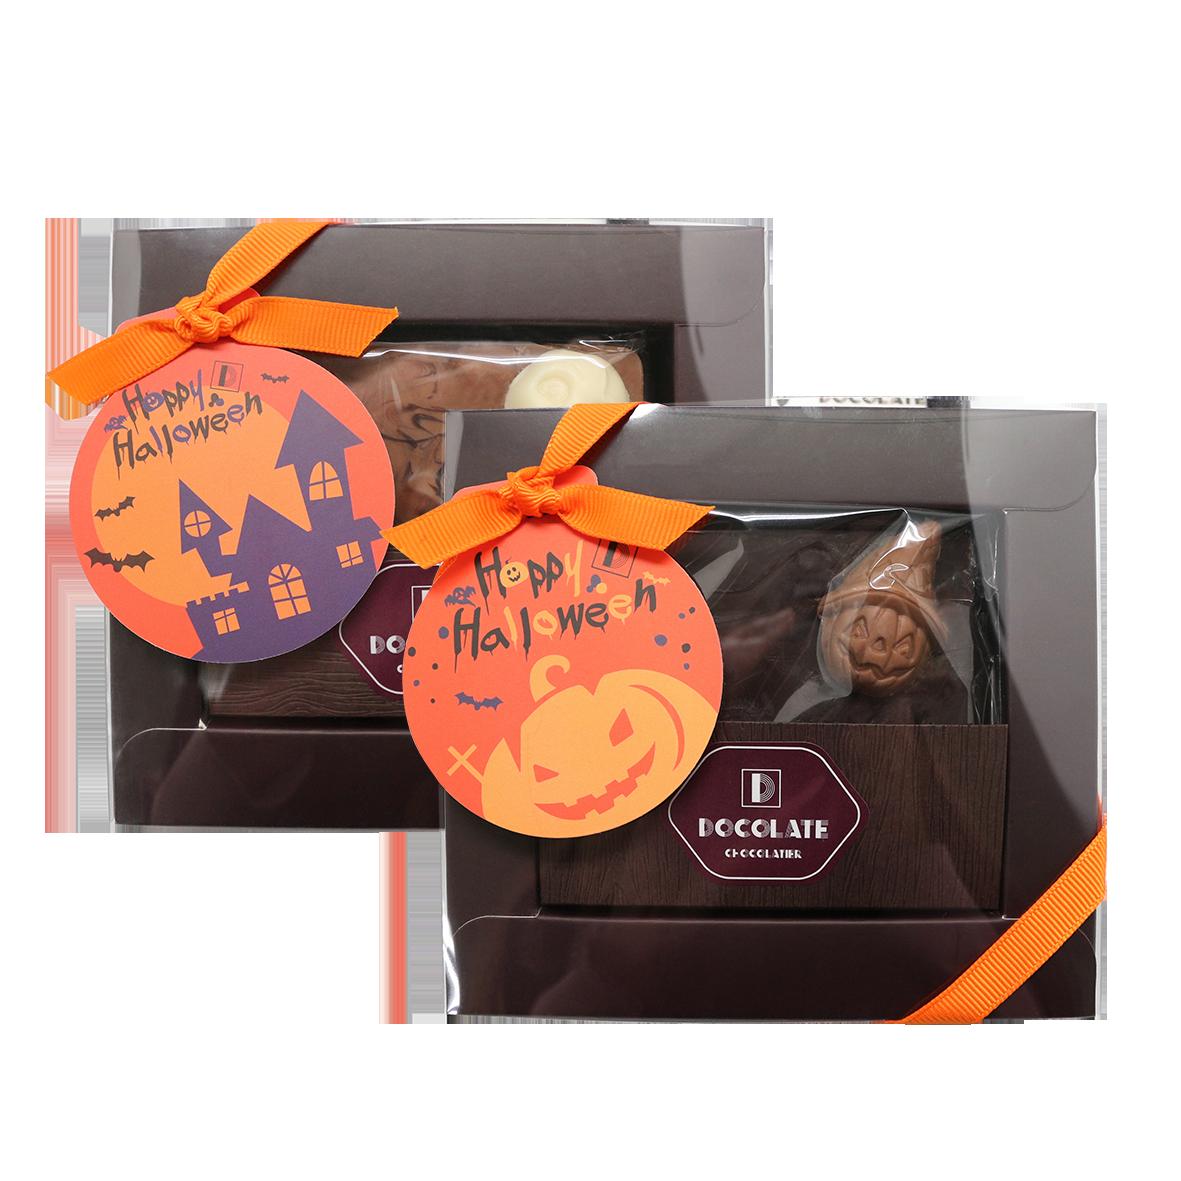 搗蛋萬聖啃我堅果巧克力禮盒 2